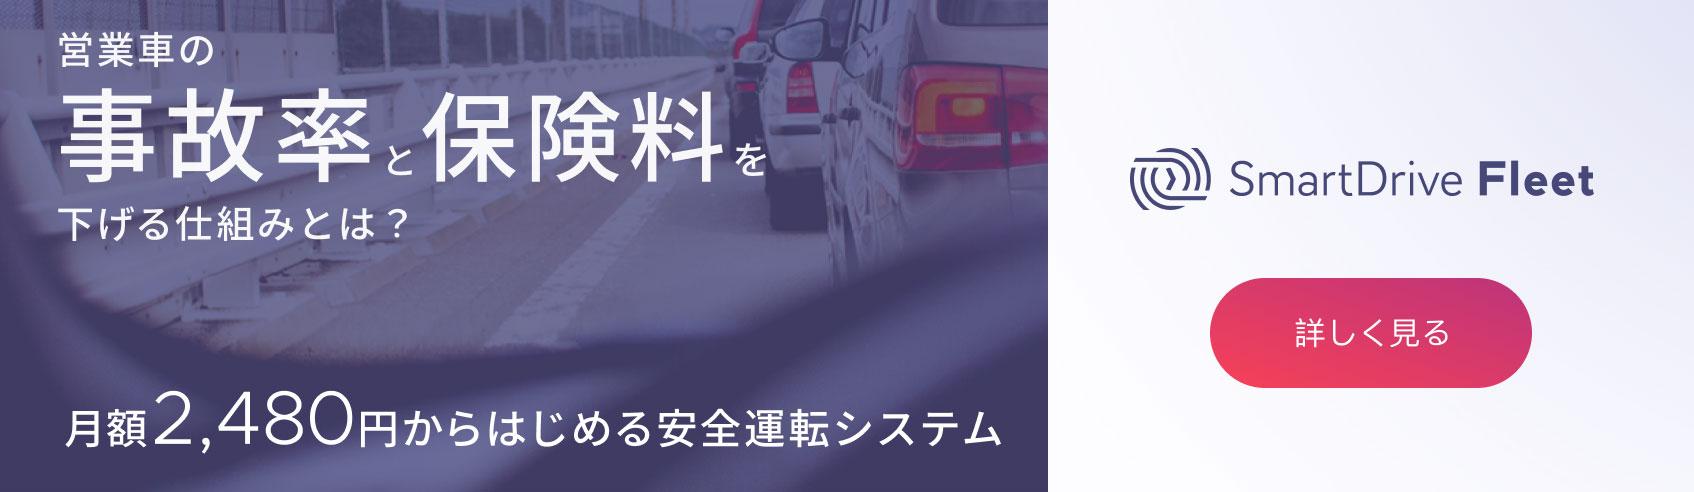 営業車の事故率と保険料を下げる仕組みとは?月額2,480円からはじめる安全運転システム SmartDrive Fleet